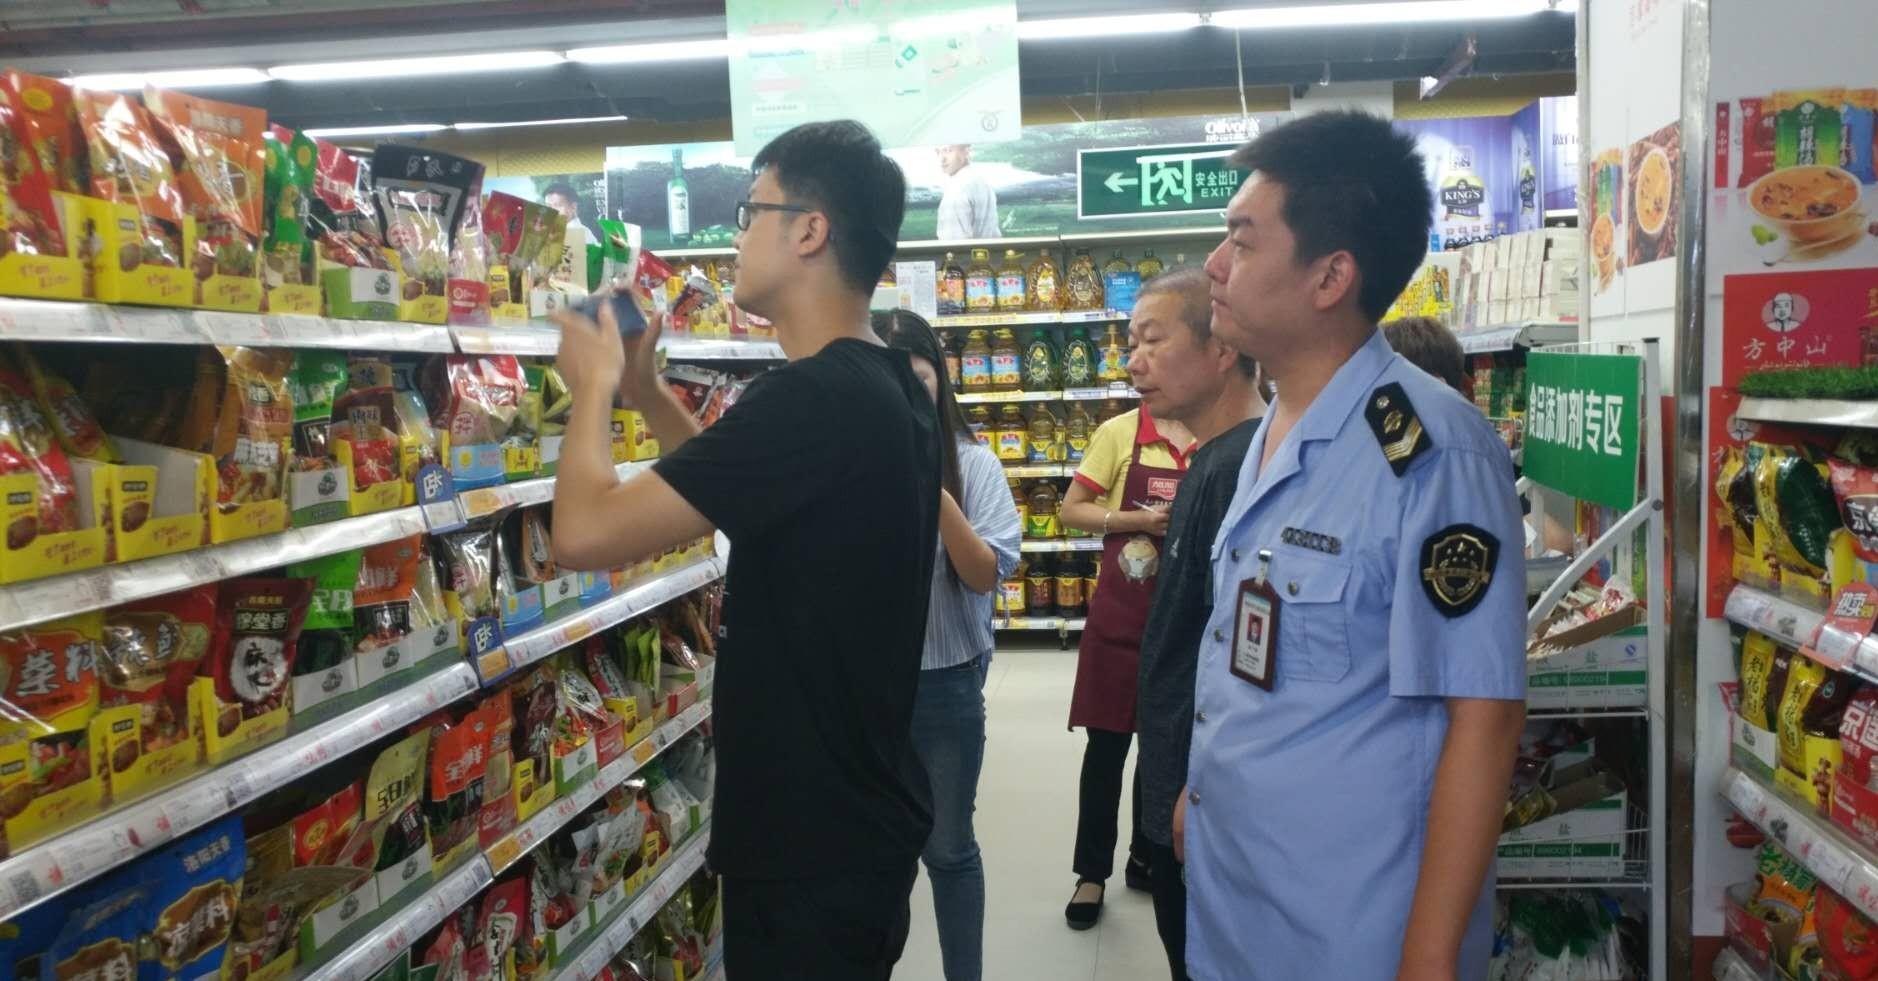 新密市青屏市场监管所发现新密金博大购物中心销售过期食品